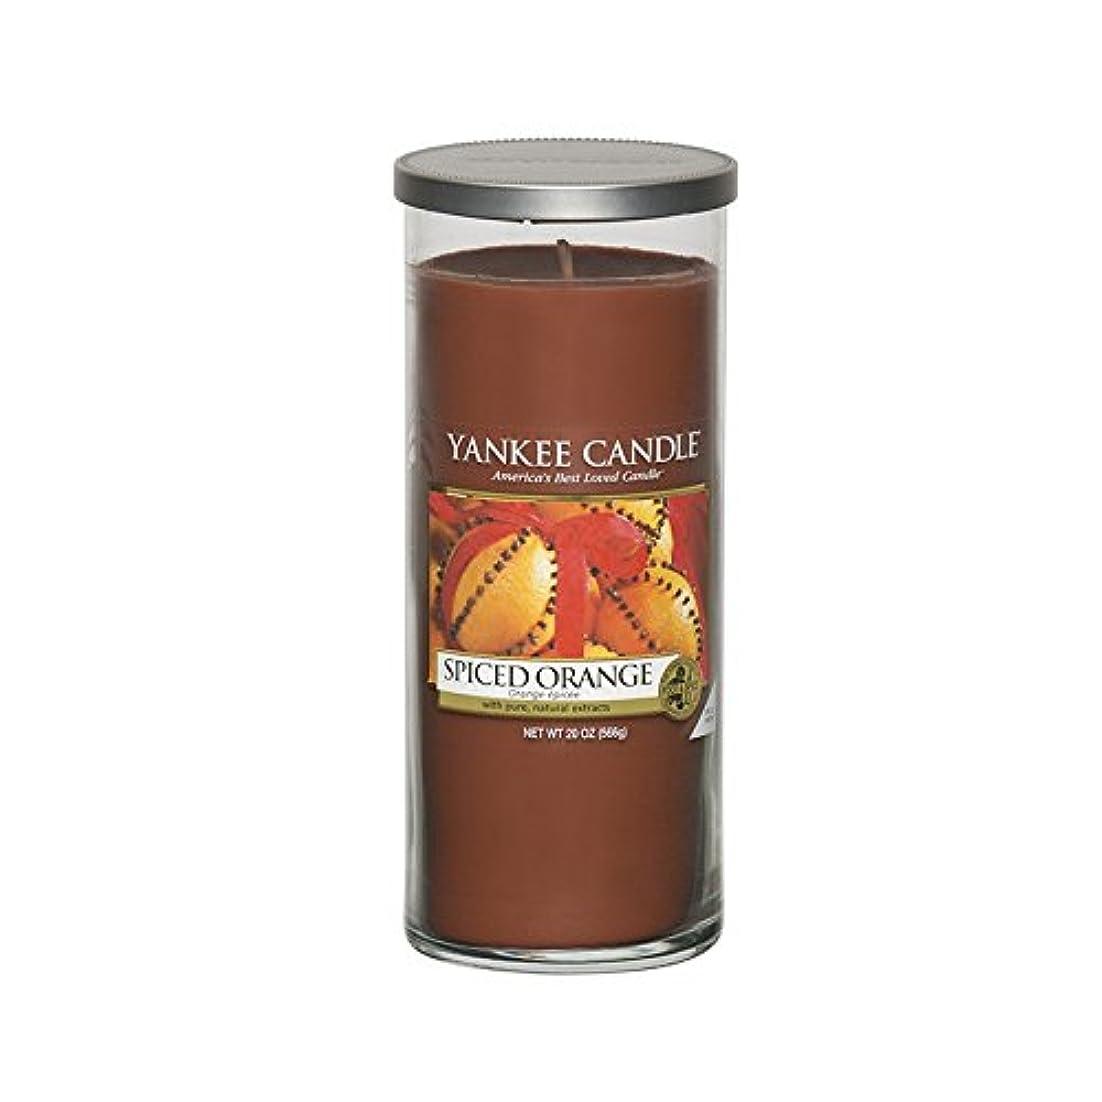 ハシー四面体目的Yankee Candles Large Pillar Candle - Spiced Orange (Pack of 6) - ヤンキーキャンドル大きな柱キャンドル - スパイスオレンジ (x6) [並行輸入品]